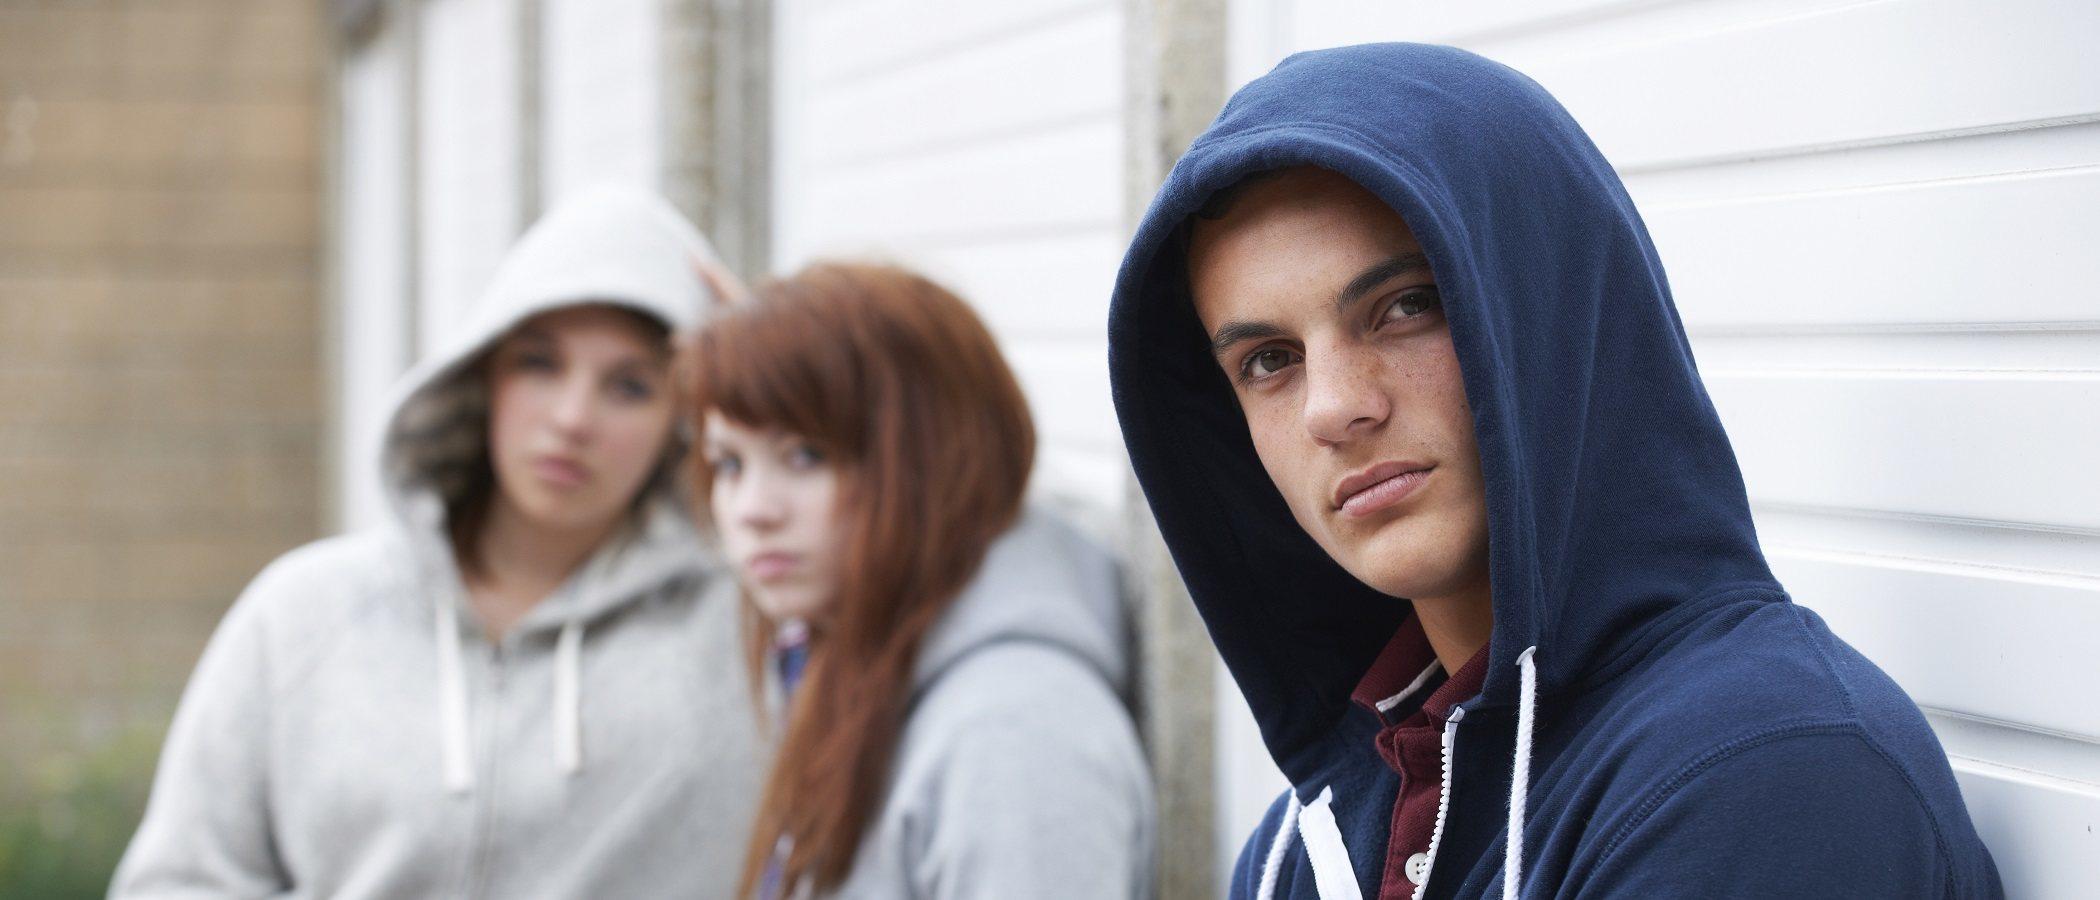 Cómo una evaluación psicológica puede ayudar a tu adolescente